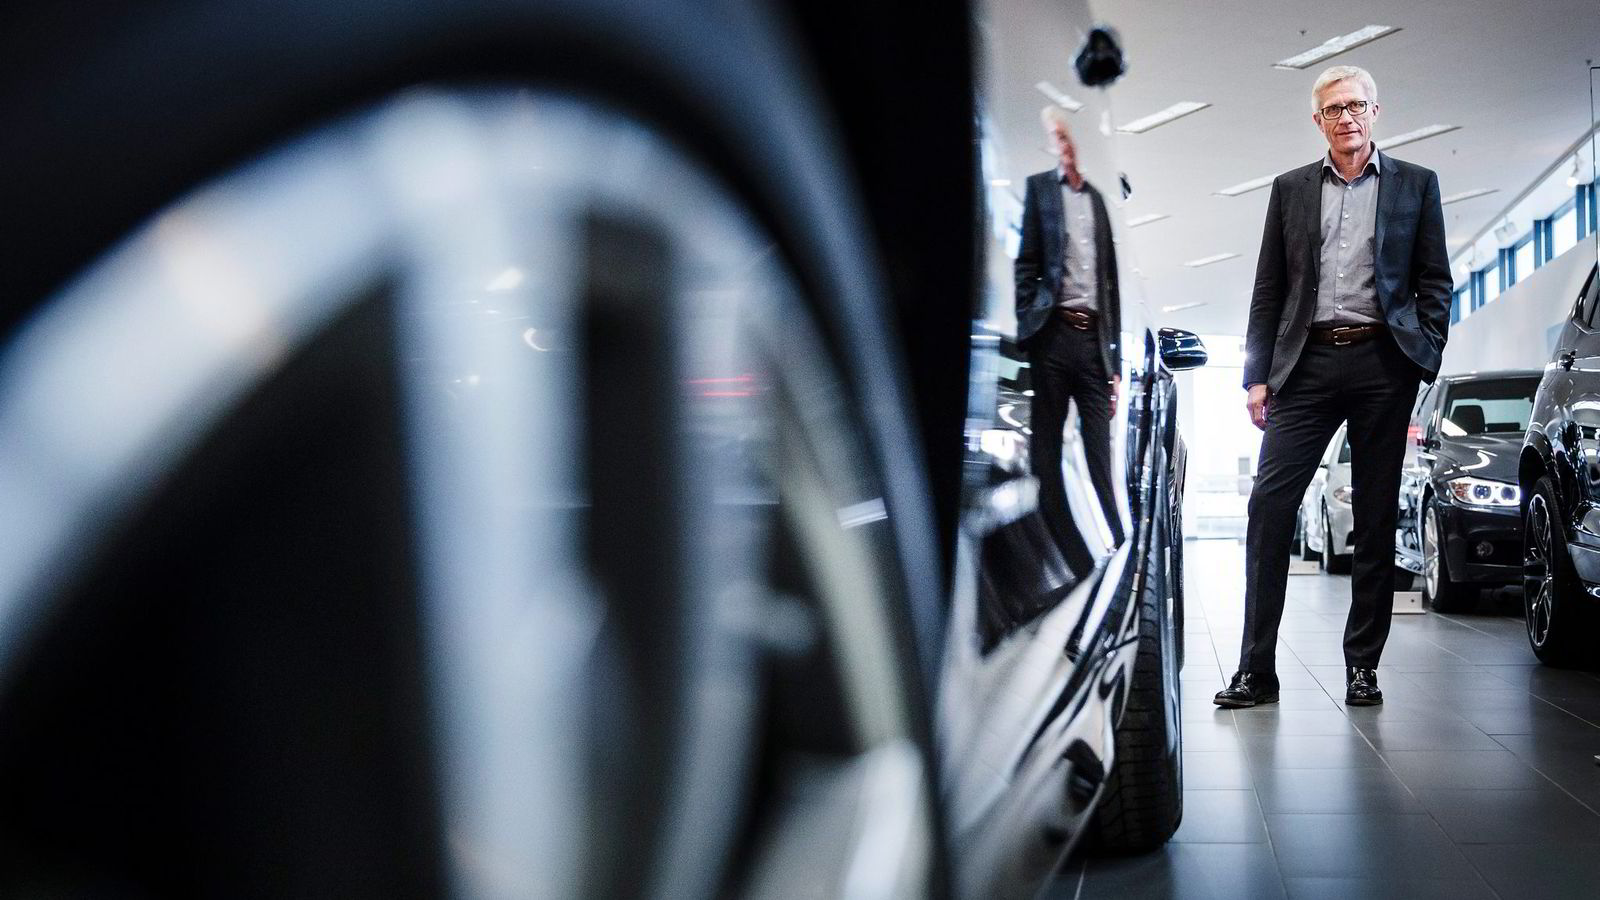 Erik Andresen i Bilimportørenes Landsforening vil beholde vektkomponenten, og mener at det vil få dramatiske følger for bransjen om bilavgifter kun skal baseres på utslipp. Foto: Per Thrana